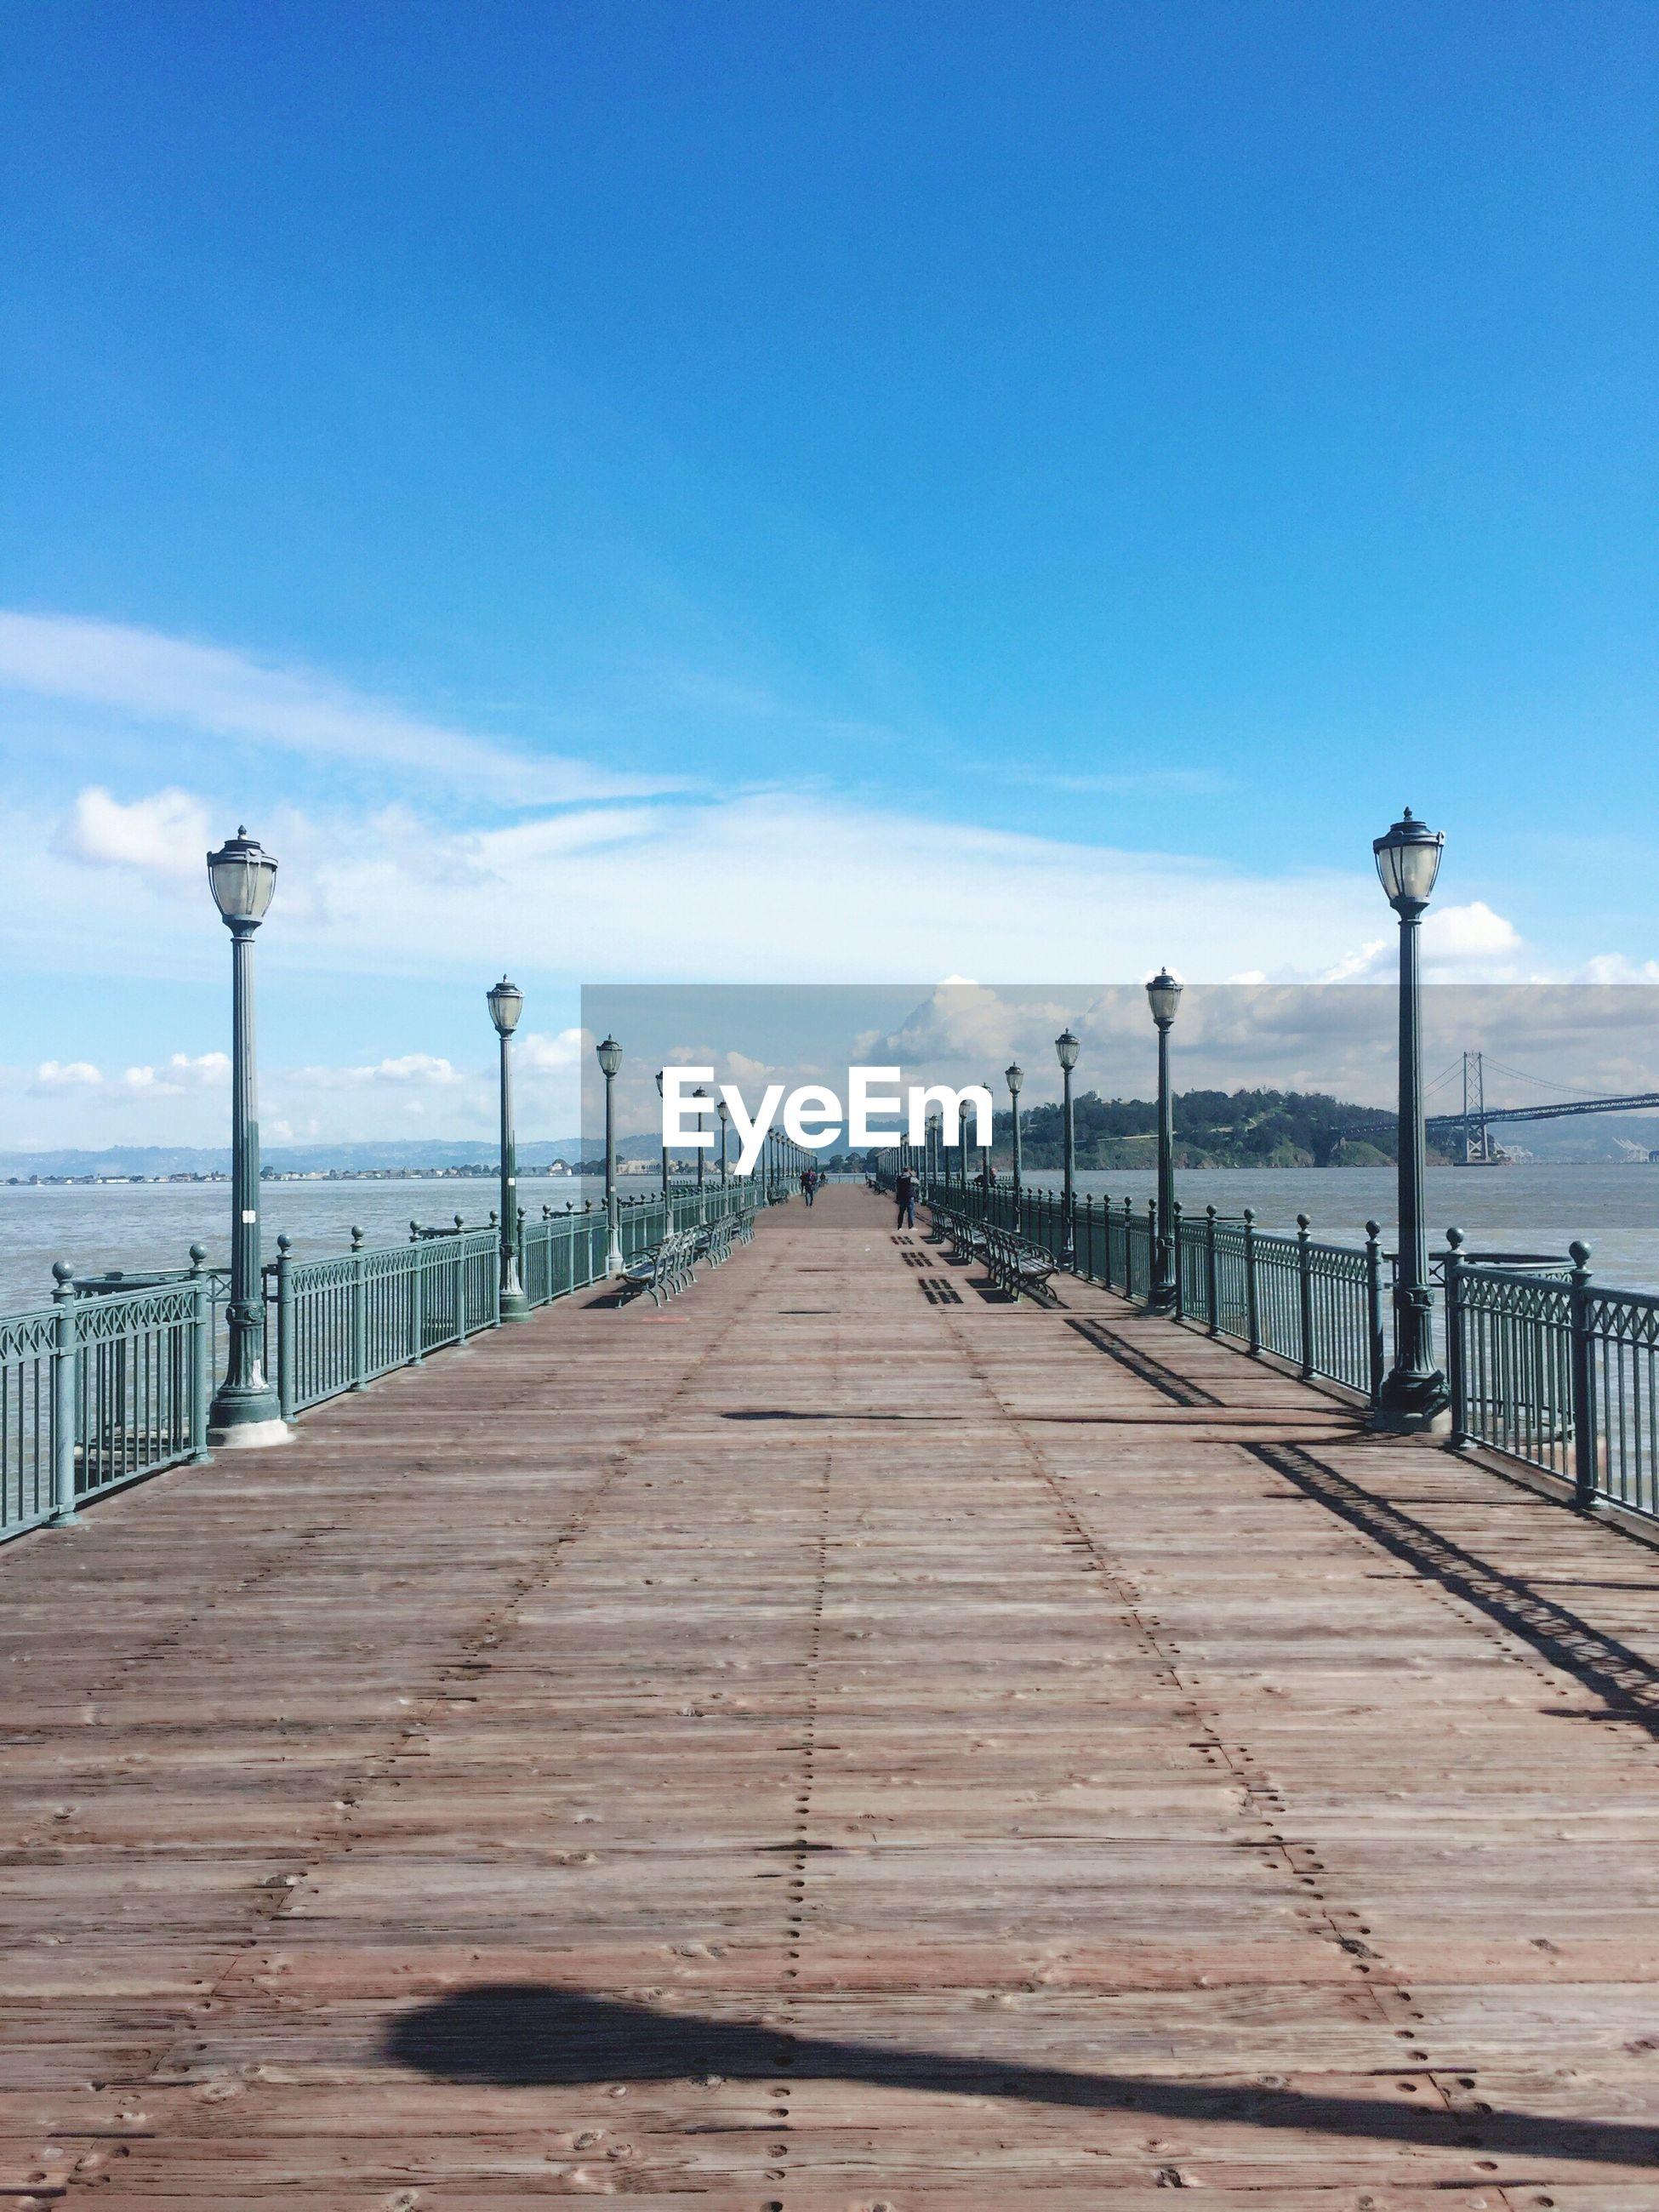 Pier leading towards sea against blue sky